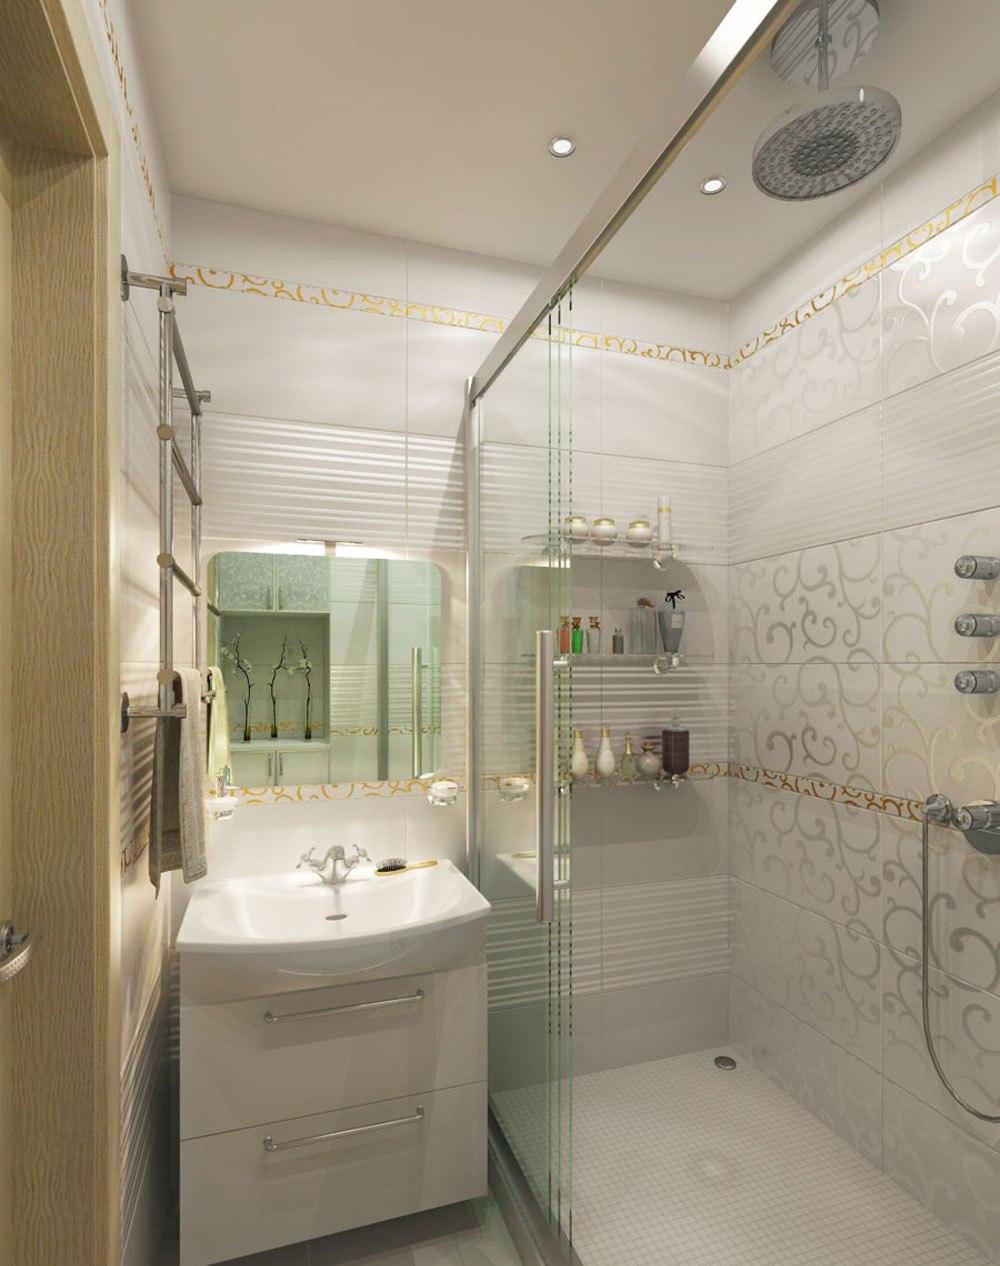 Hur man dekorerar ett litet badrum och ändå sparar plats 5 Hur man dekorerar ett litet badrum och ändå sparar plats